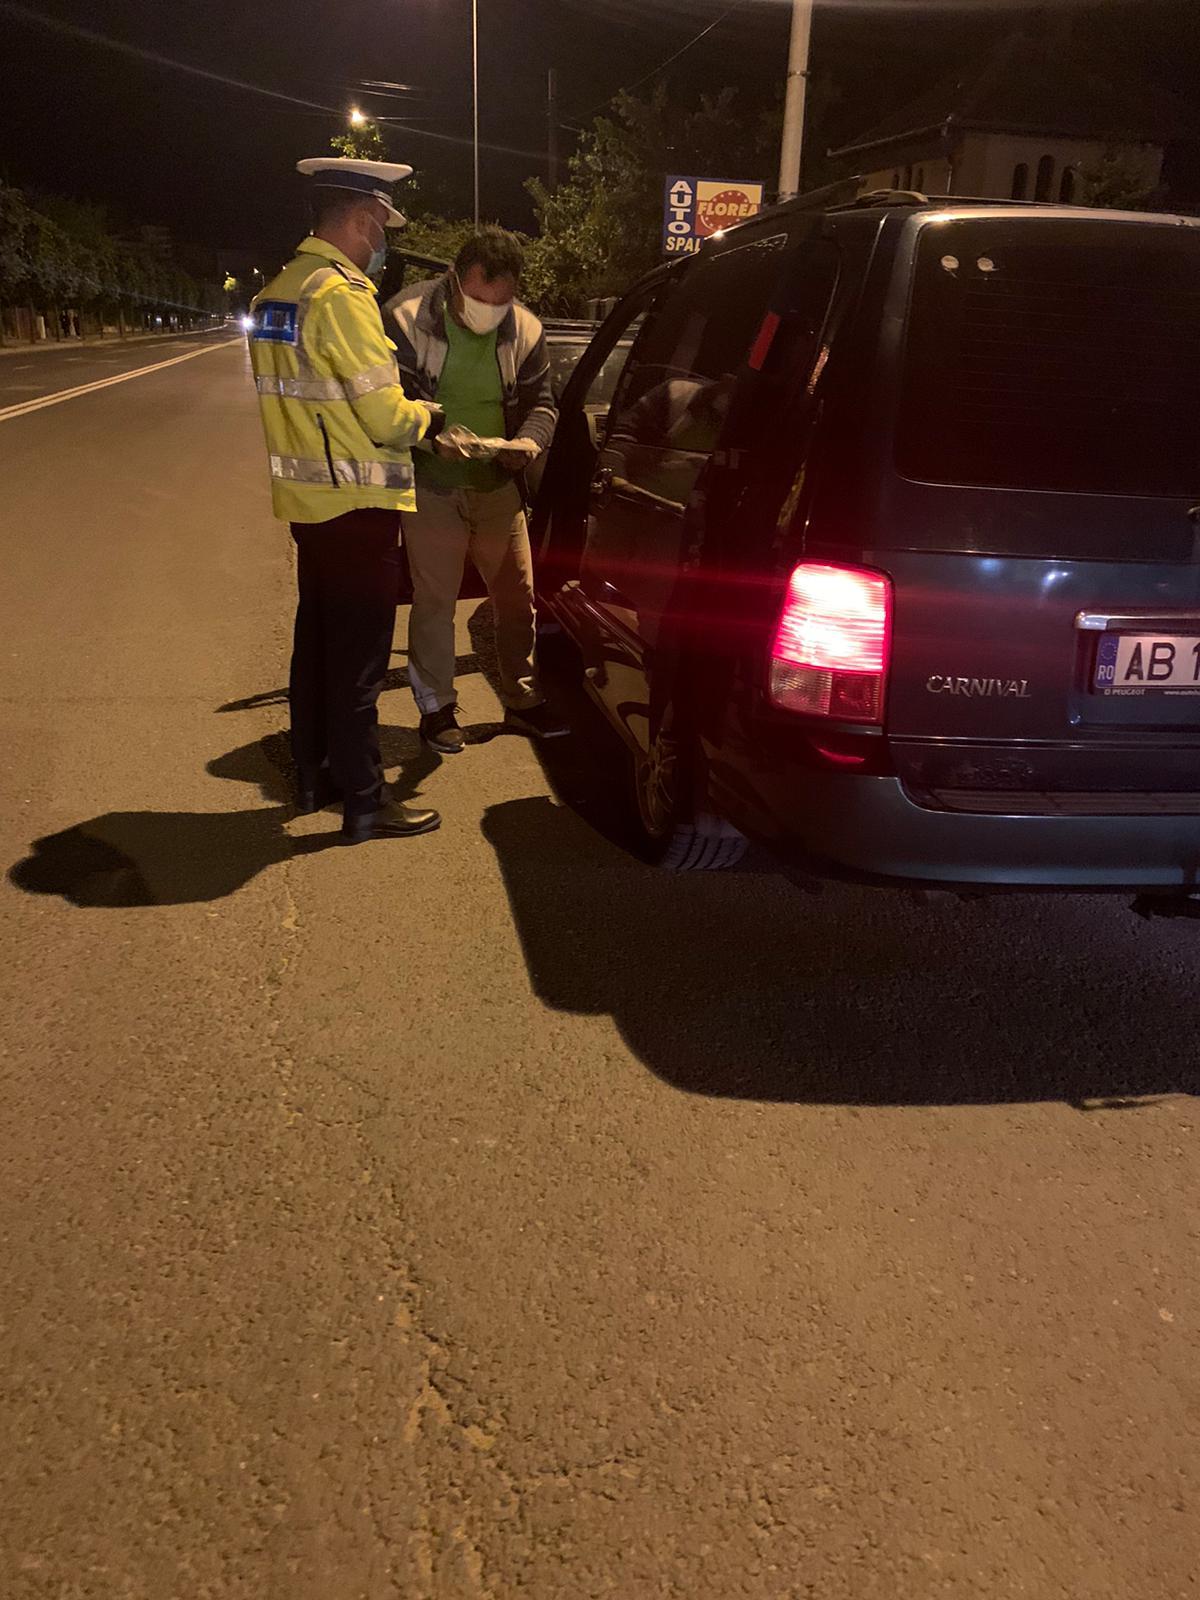 Poliţiştii rutieri din judeţul Alba au verificat 284 de autovehicule destinate transportului marfă și celui public de persoane. Au aplicat 111 amenzi